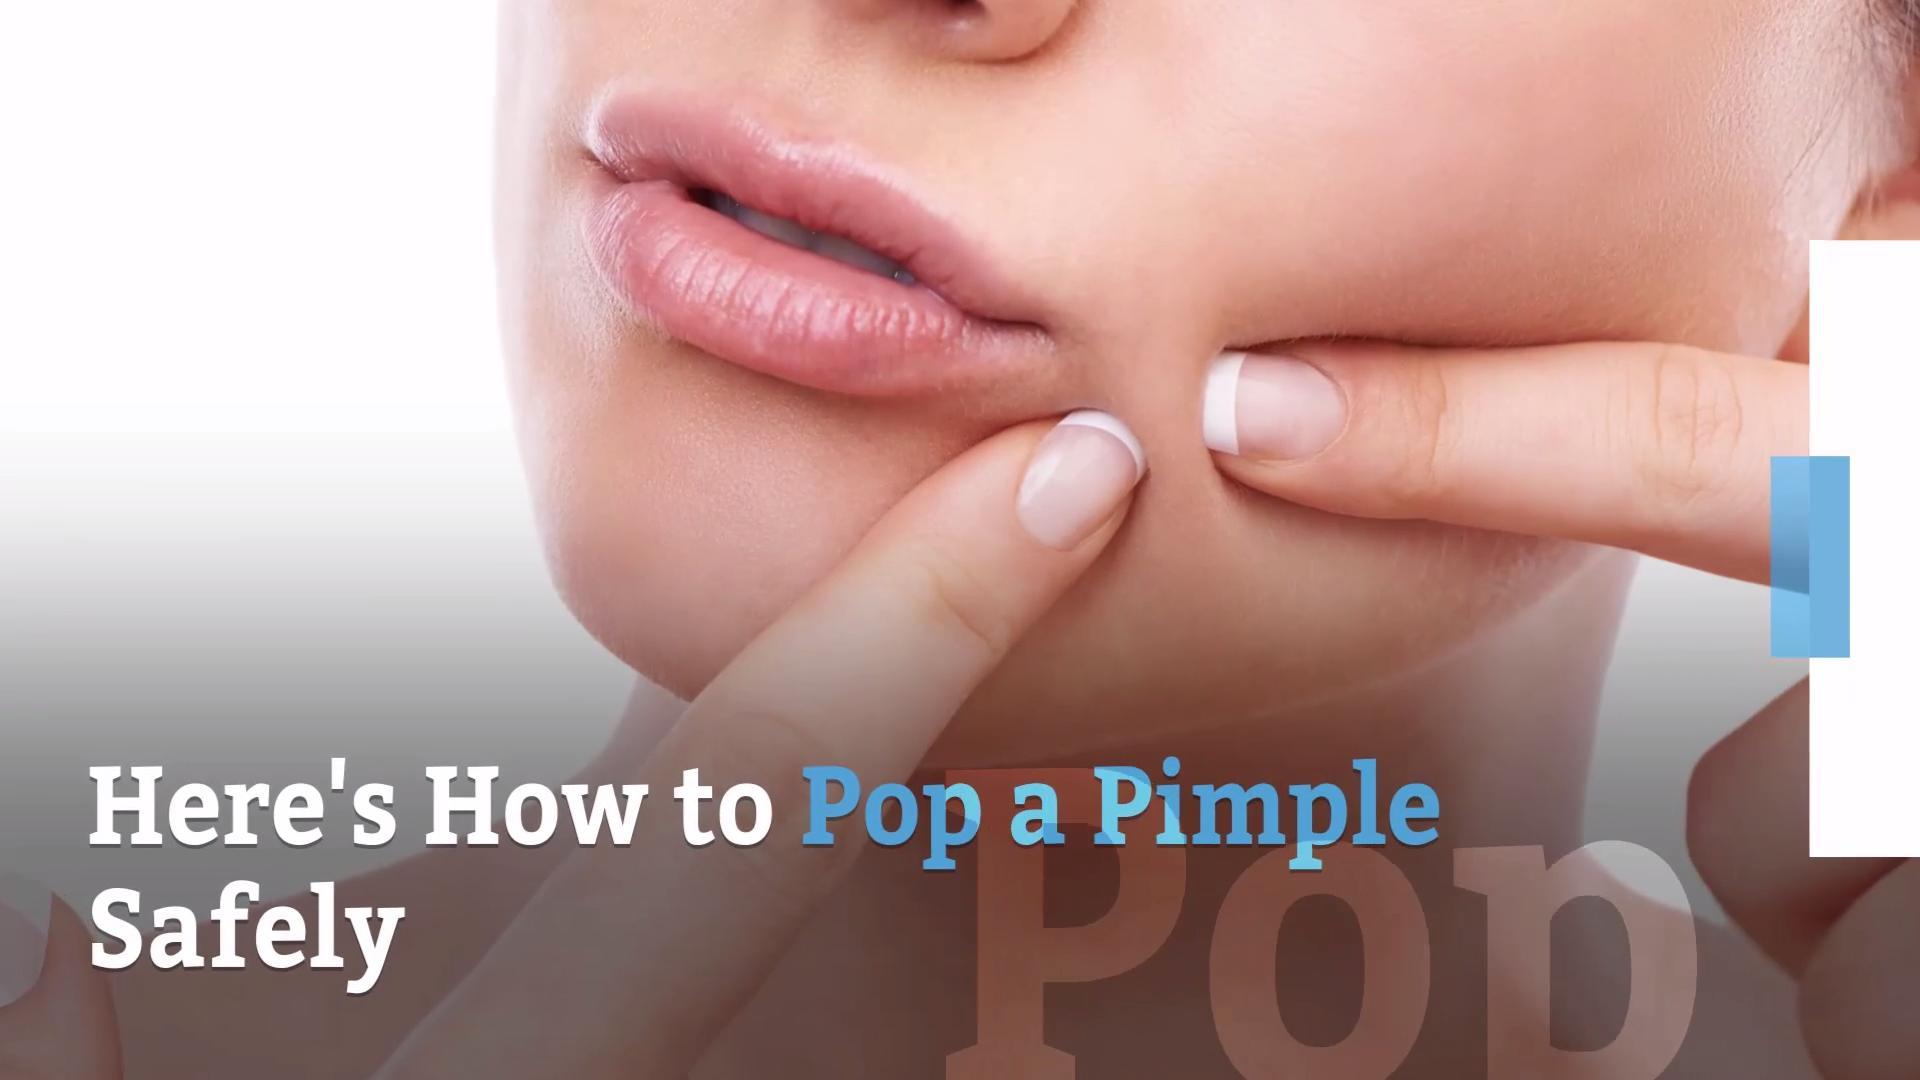 Should you pop a pimple?